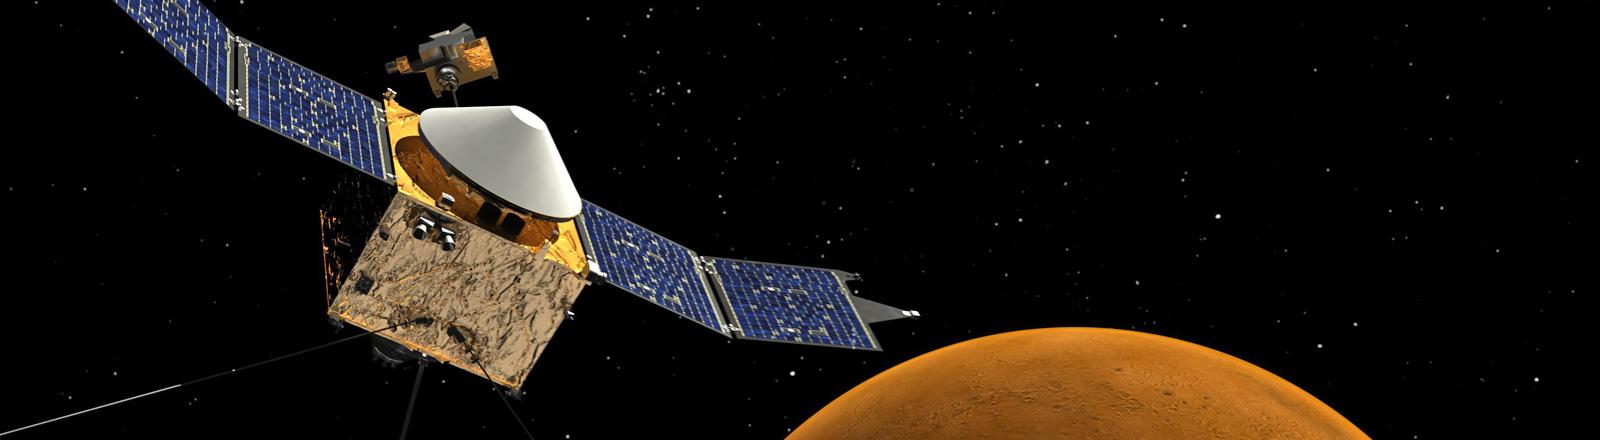 Zeichnung zeigt die Sonde Maven, im Hintergrund den Planeten Mars; Bild: dpa